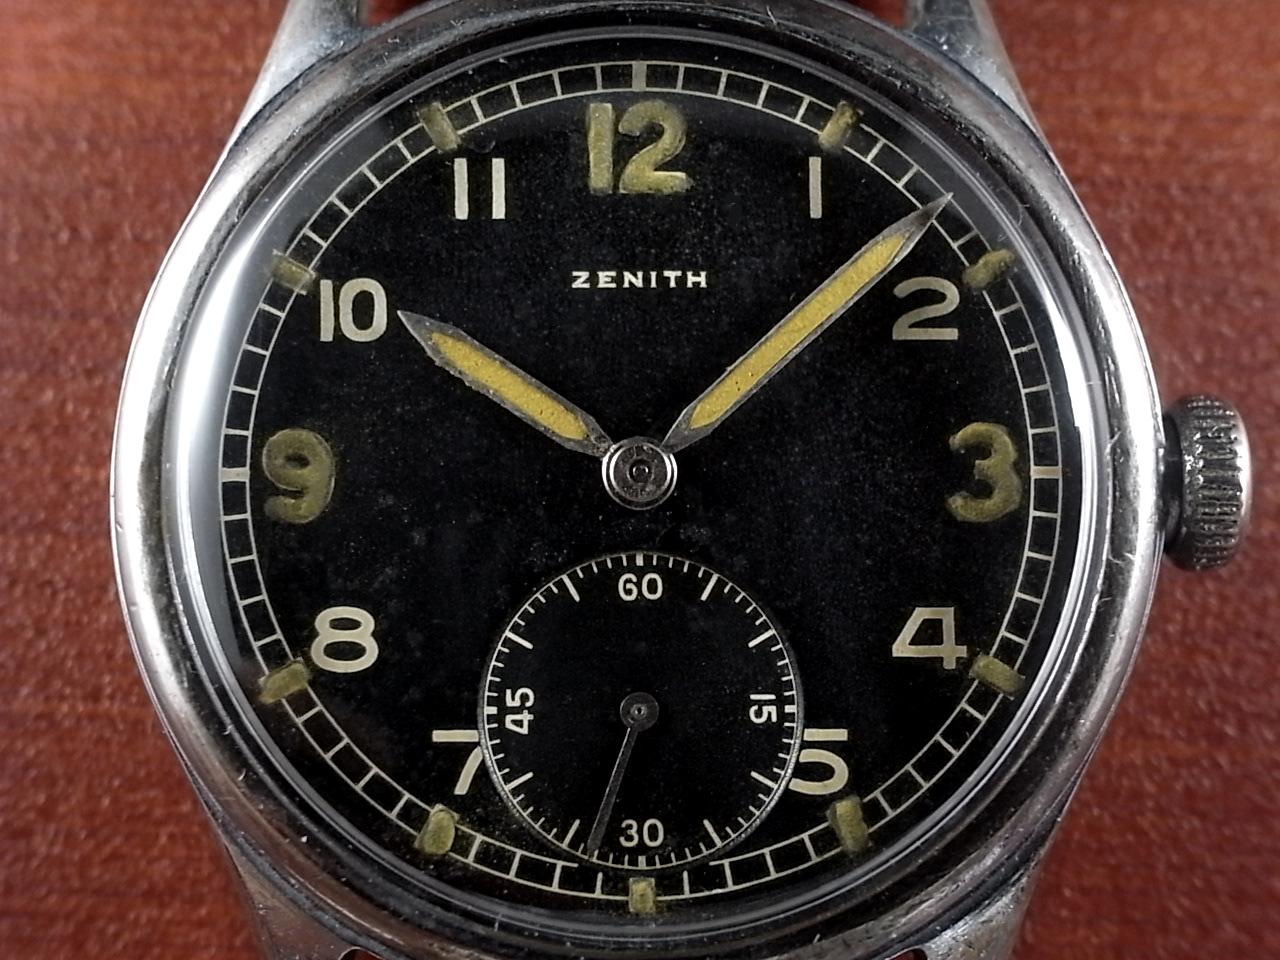 ゼニス 軍用時計 ドイツ陸軍 DH WW2 1940年代の写真2枚目